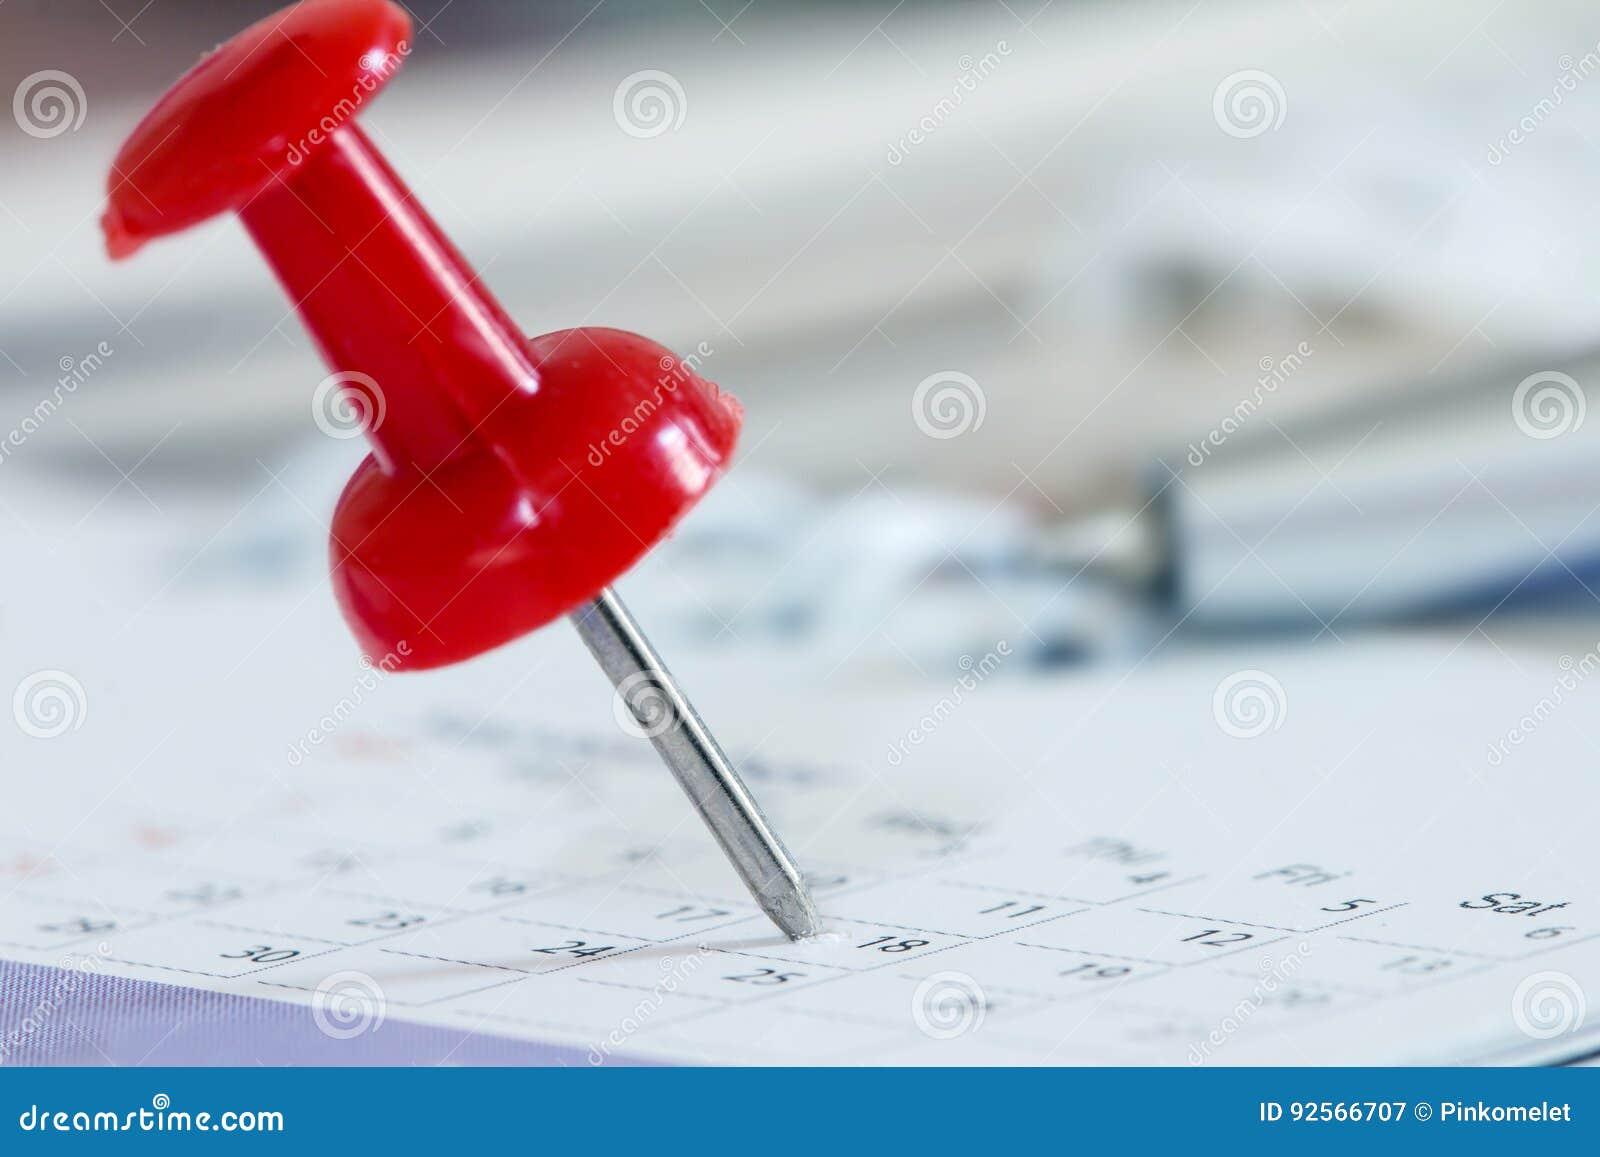 L a pressione rosso alla pagina del calendario per ricorda a e vigilia importante segnata